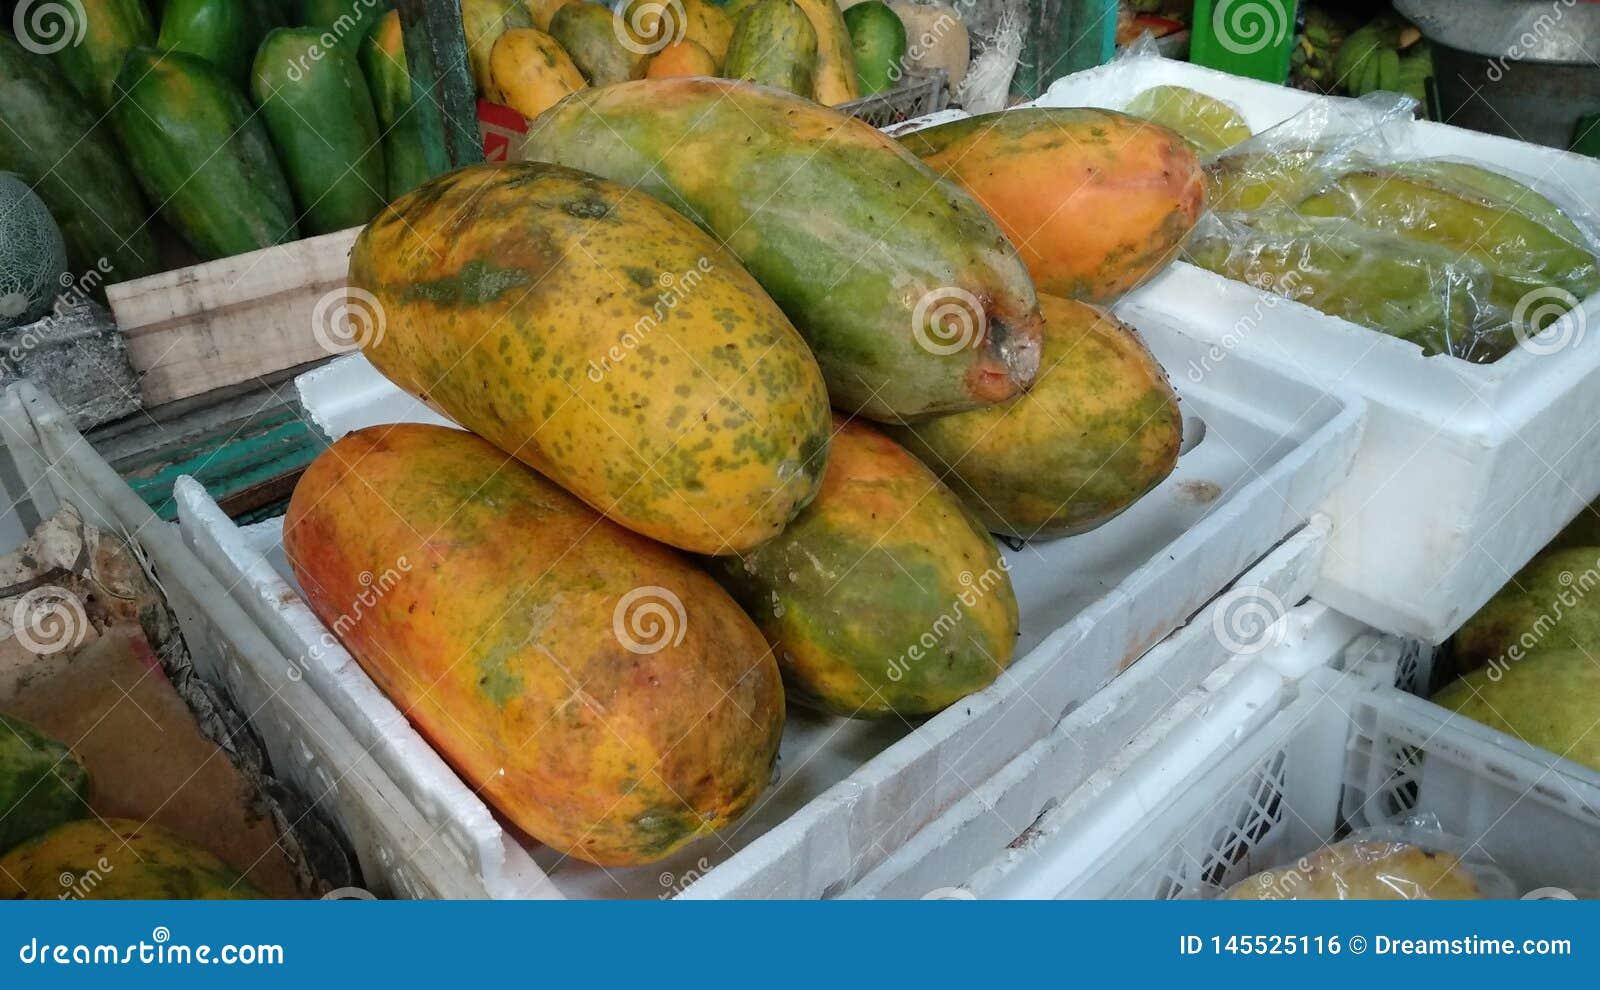 Pepaya, плоды папапайи которое готово съесть